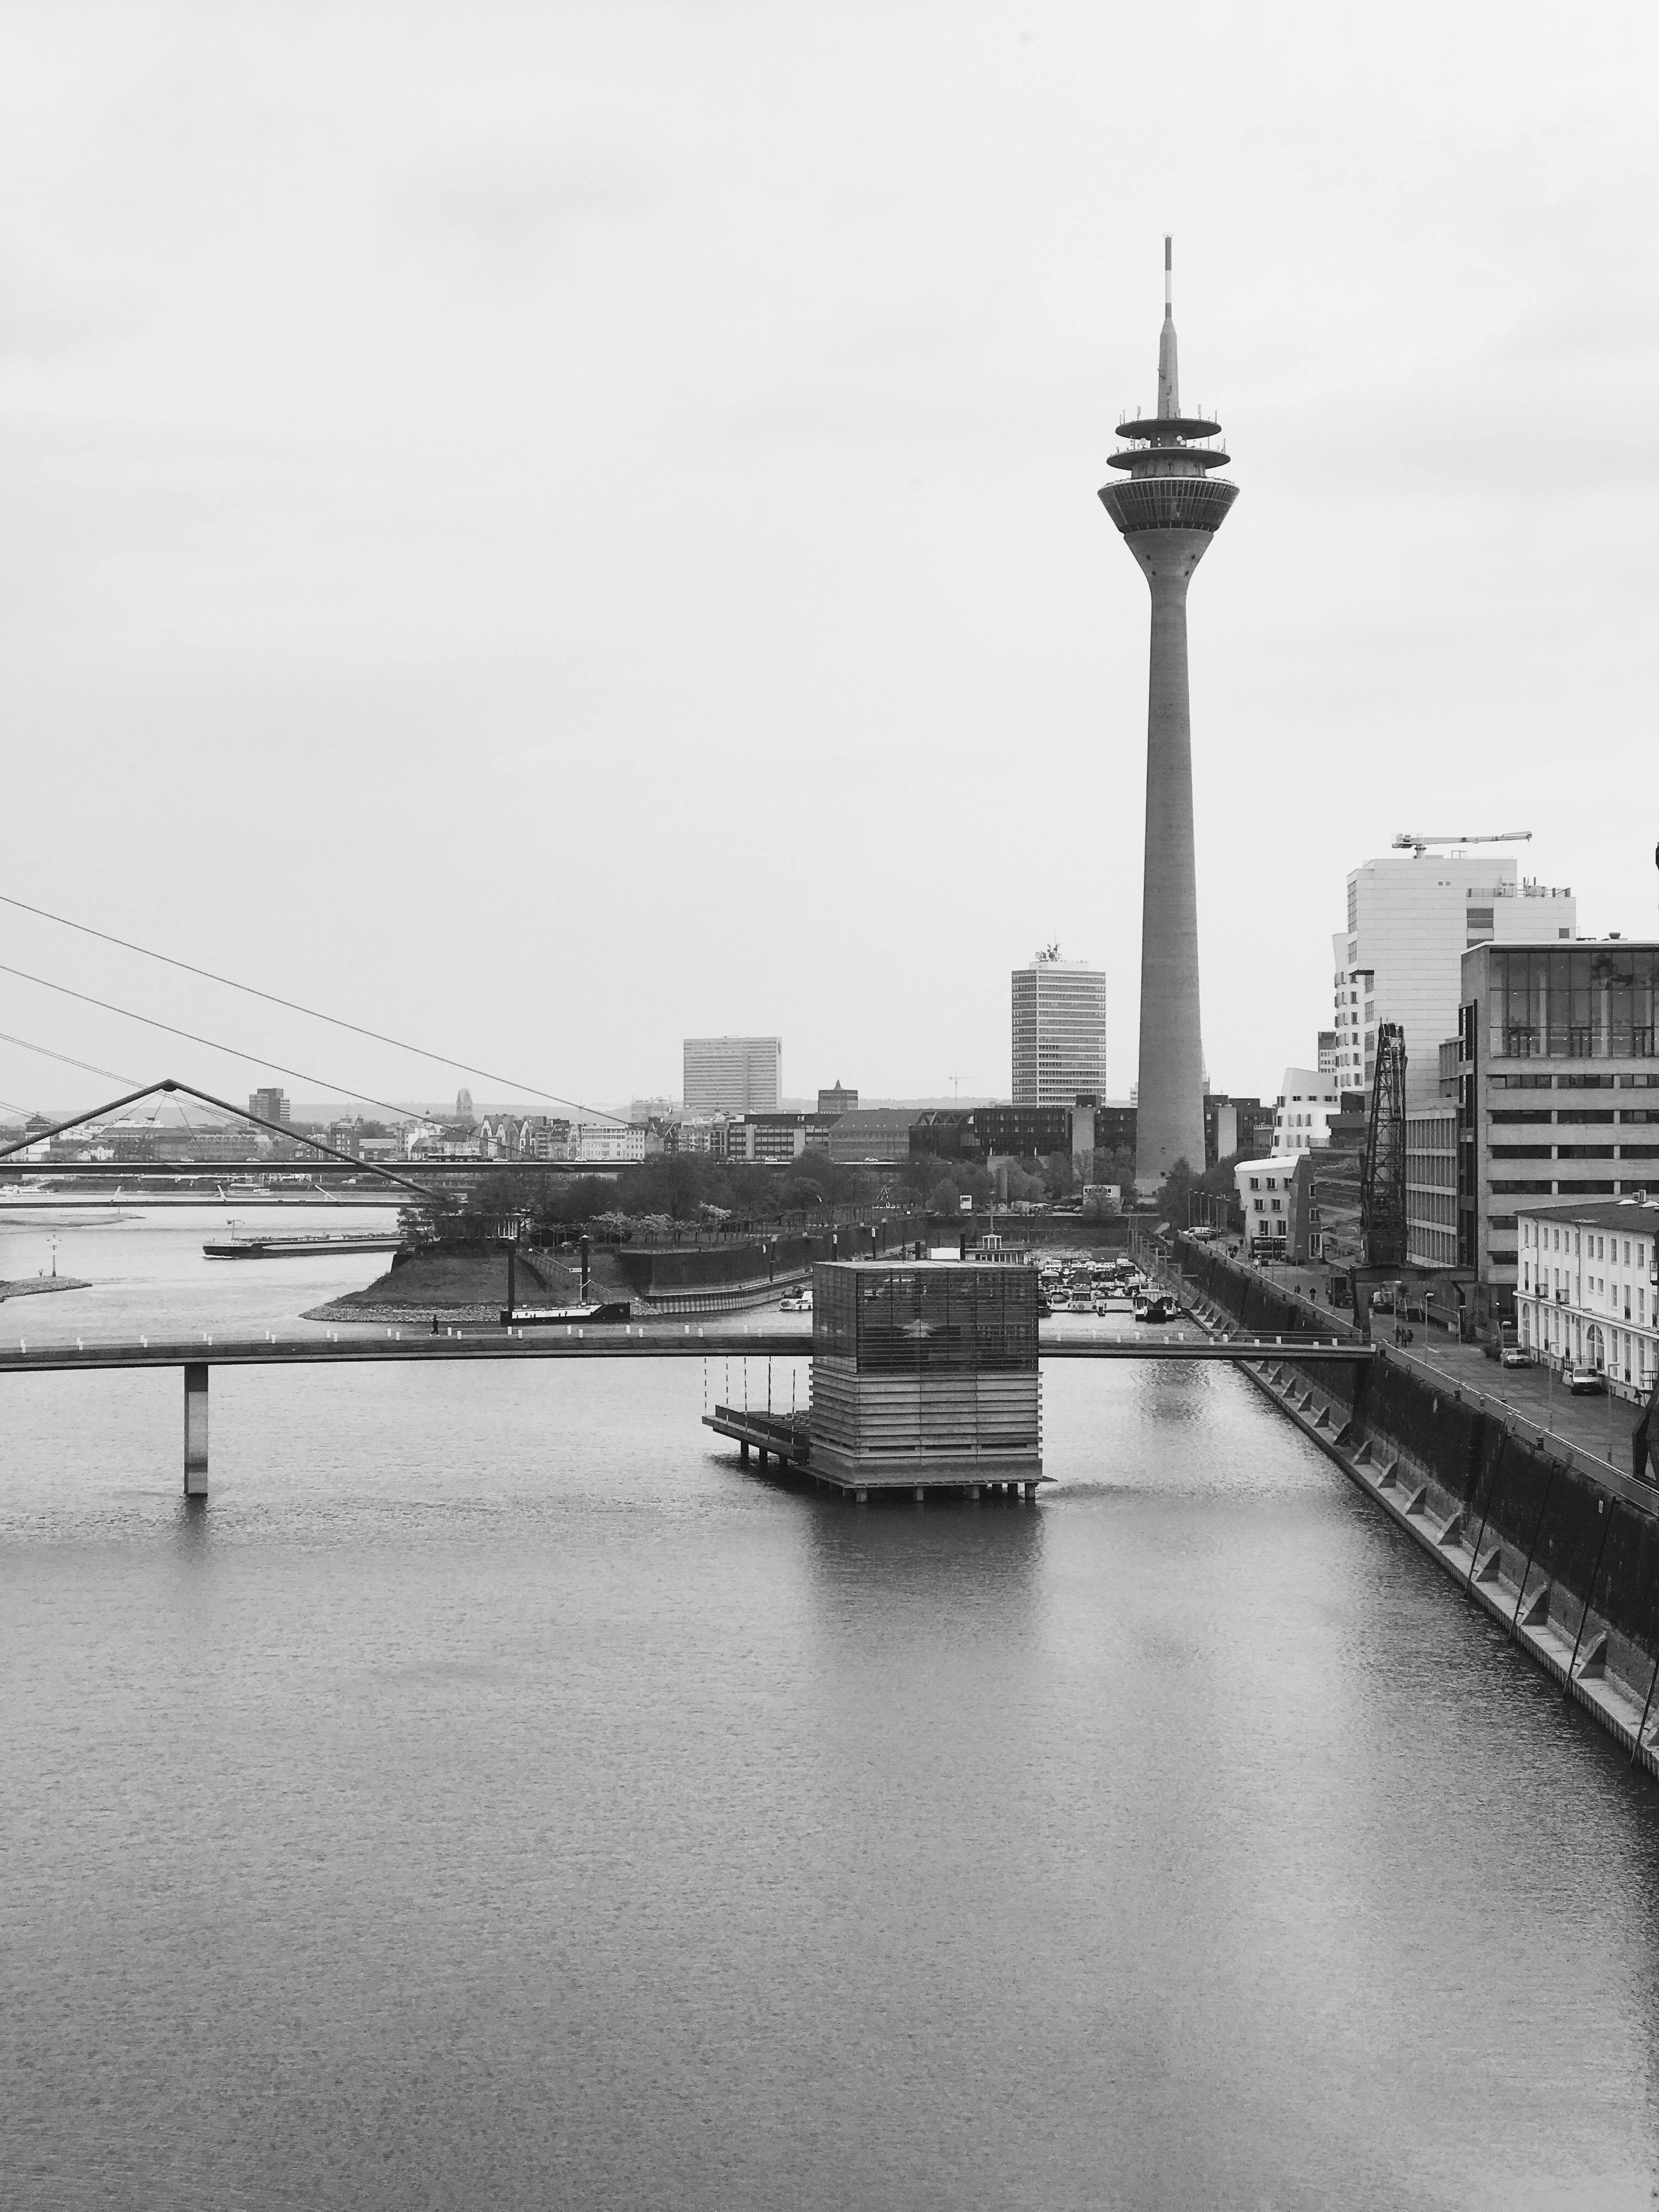 Düsseldorf, Rhein, Lake